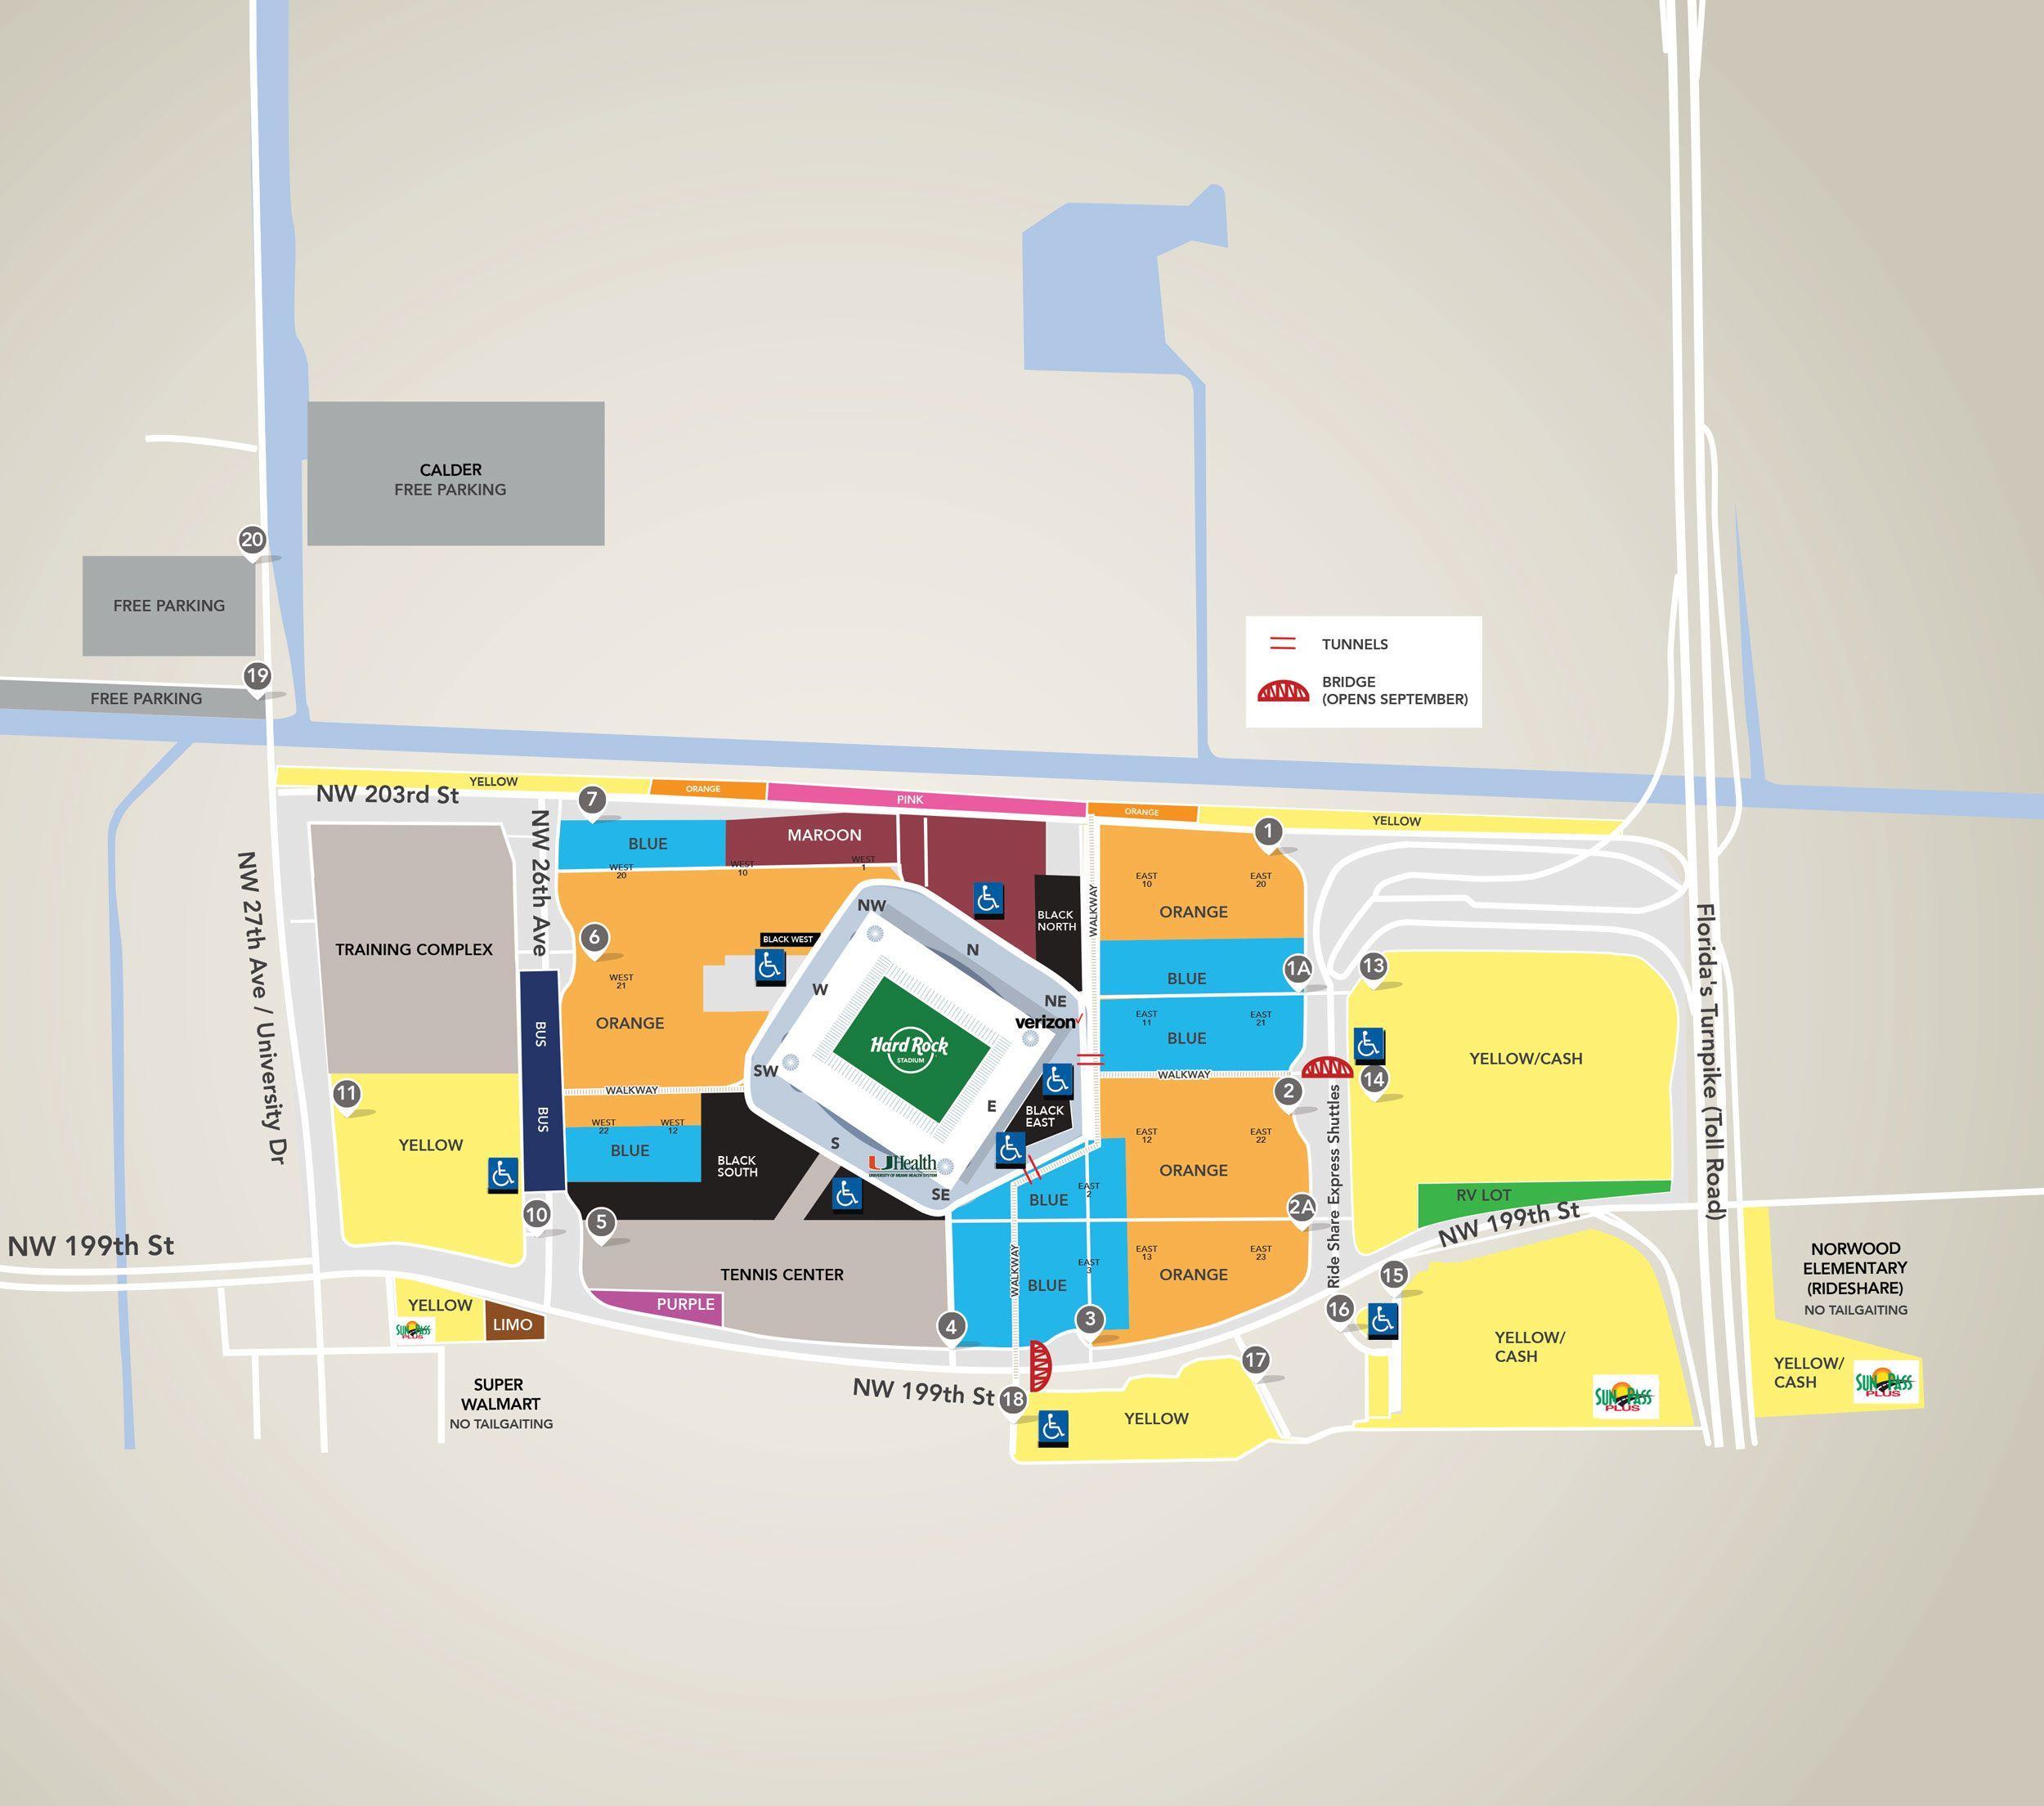 2019-Parking-Map-v6